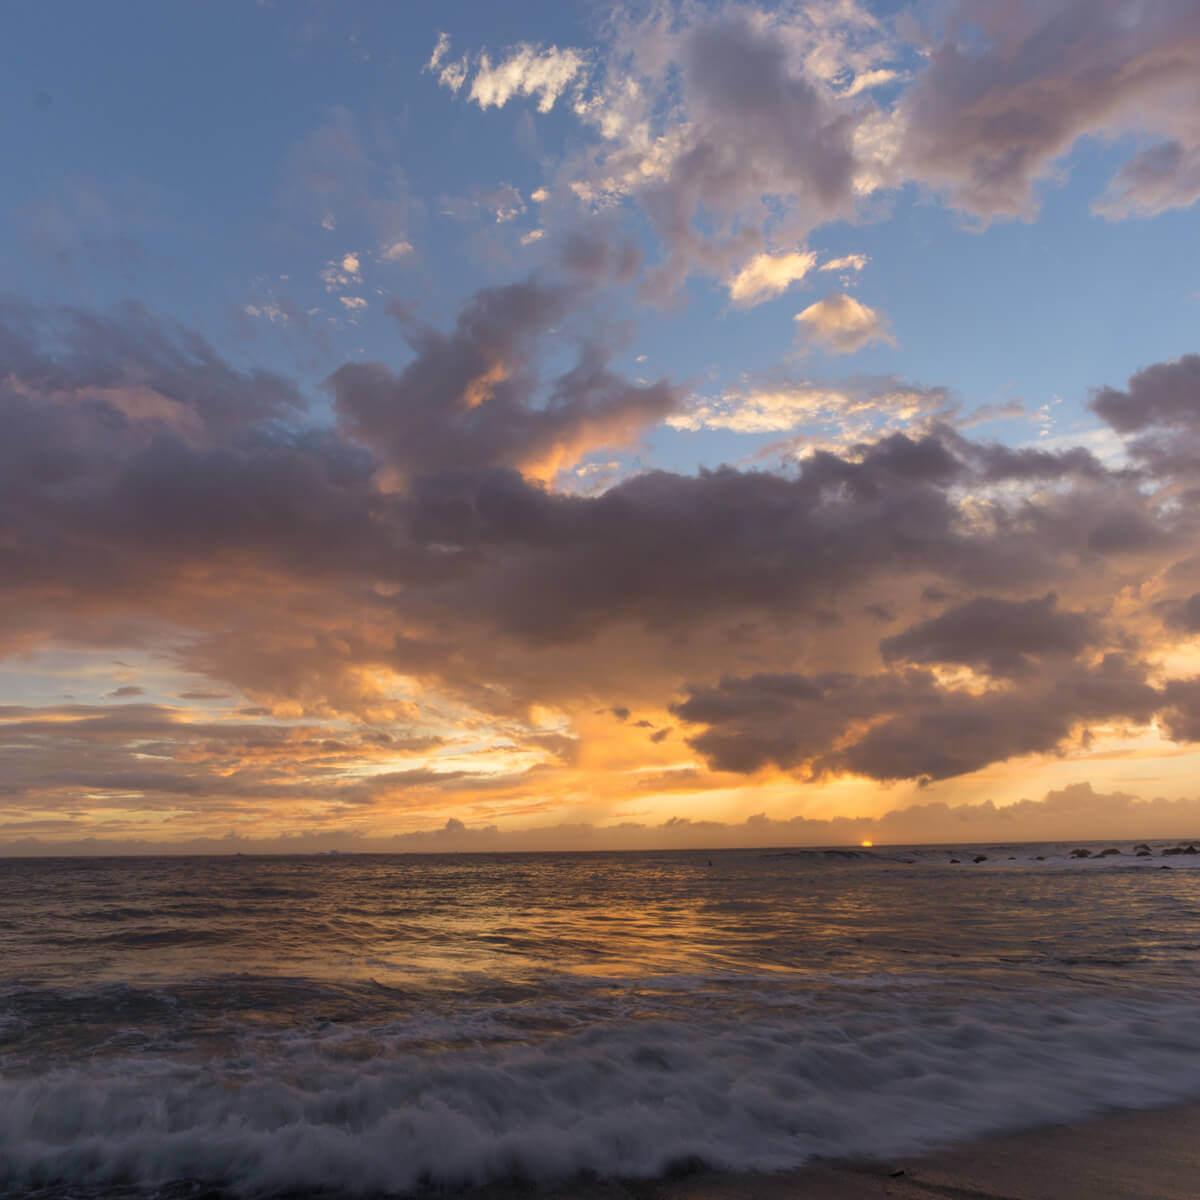 屋久島の海、空 夕暮れ時 屋久島海とジュエリー オーダーメイドジュエリーのモチーフ